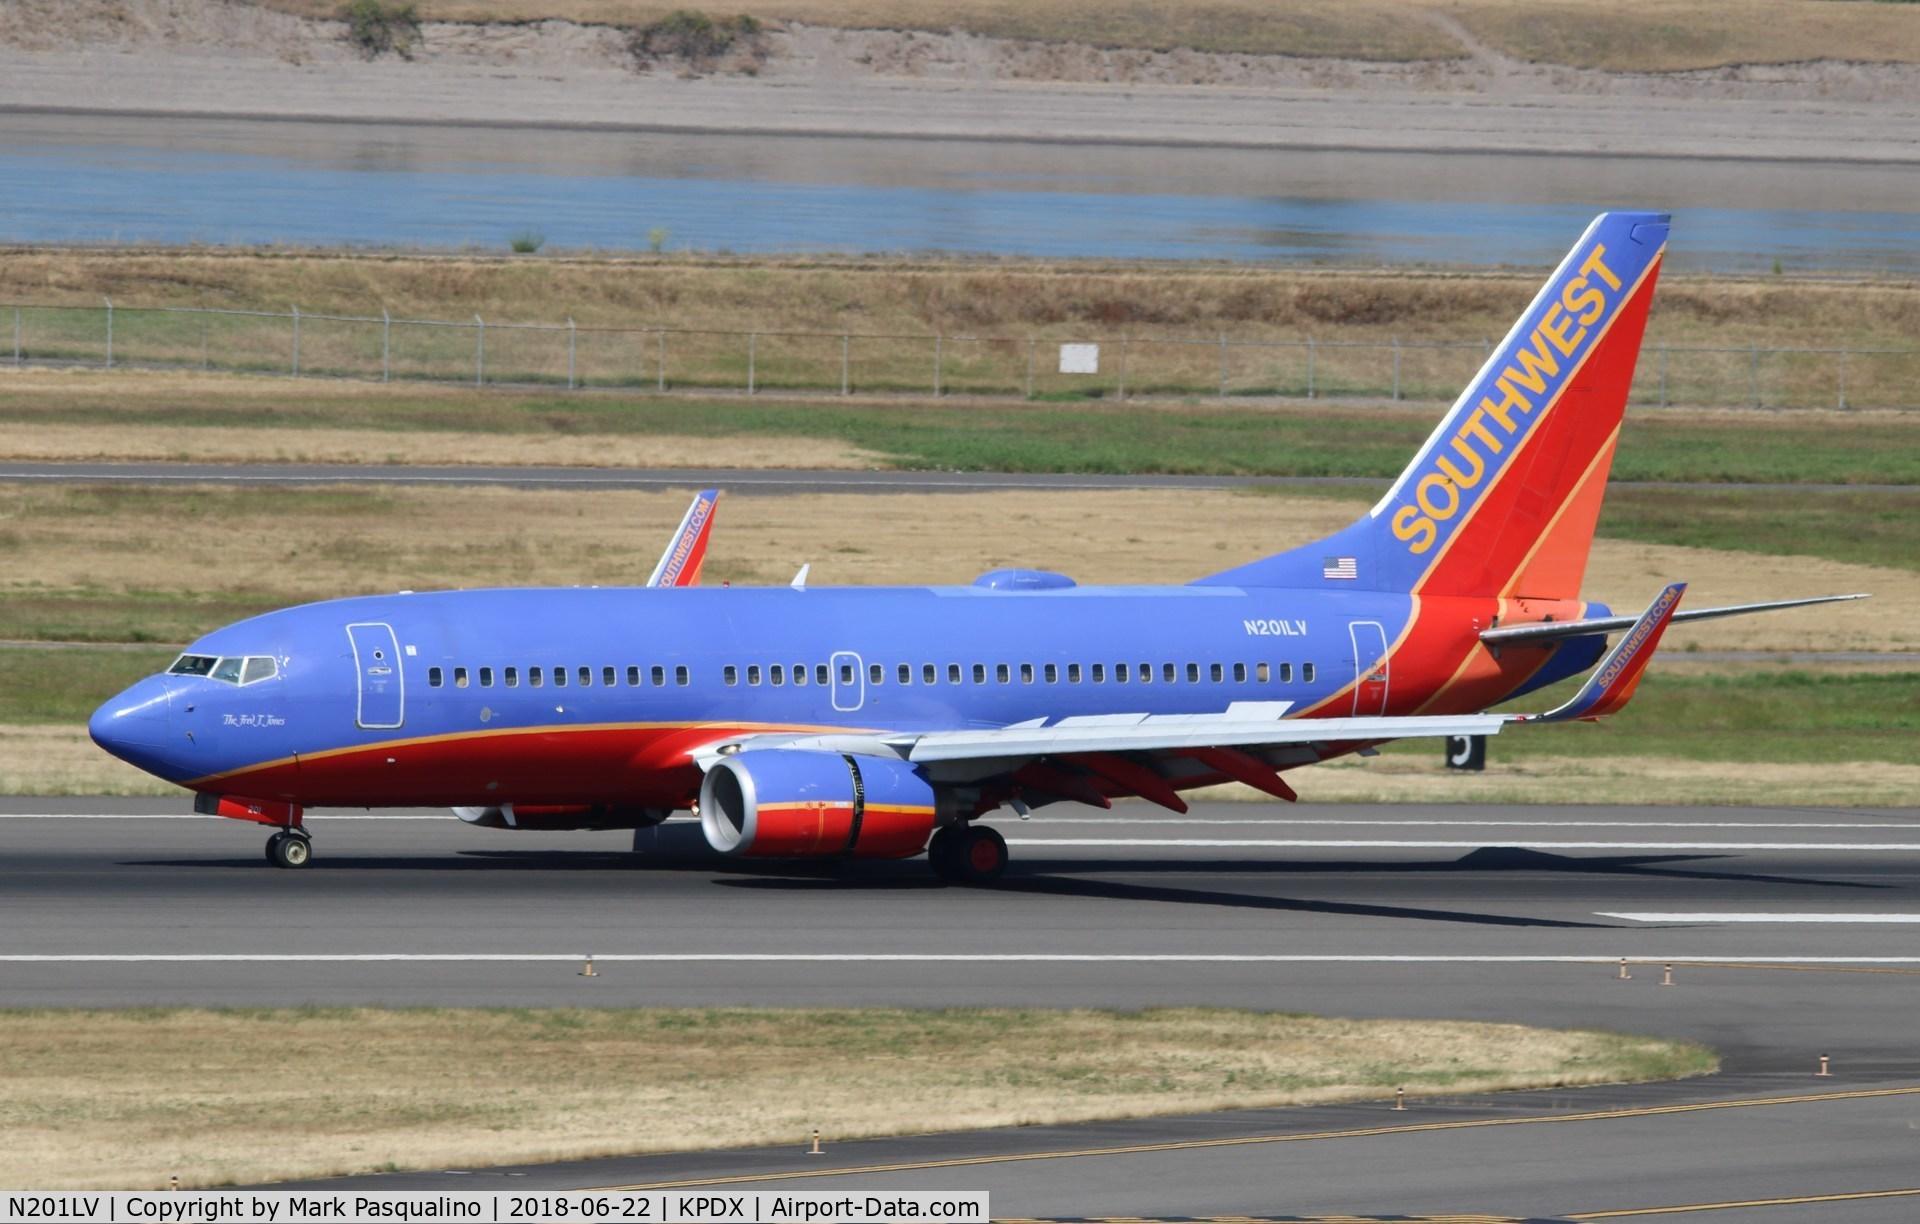 N201LV, 2005 Boeing 737-7H4 C/N 29854, Boeing 737-700